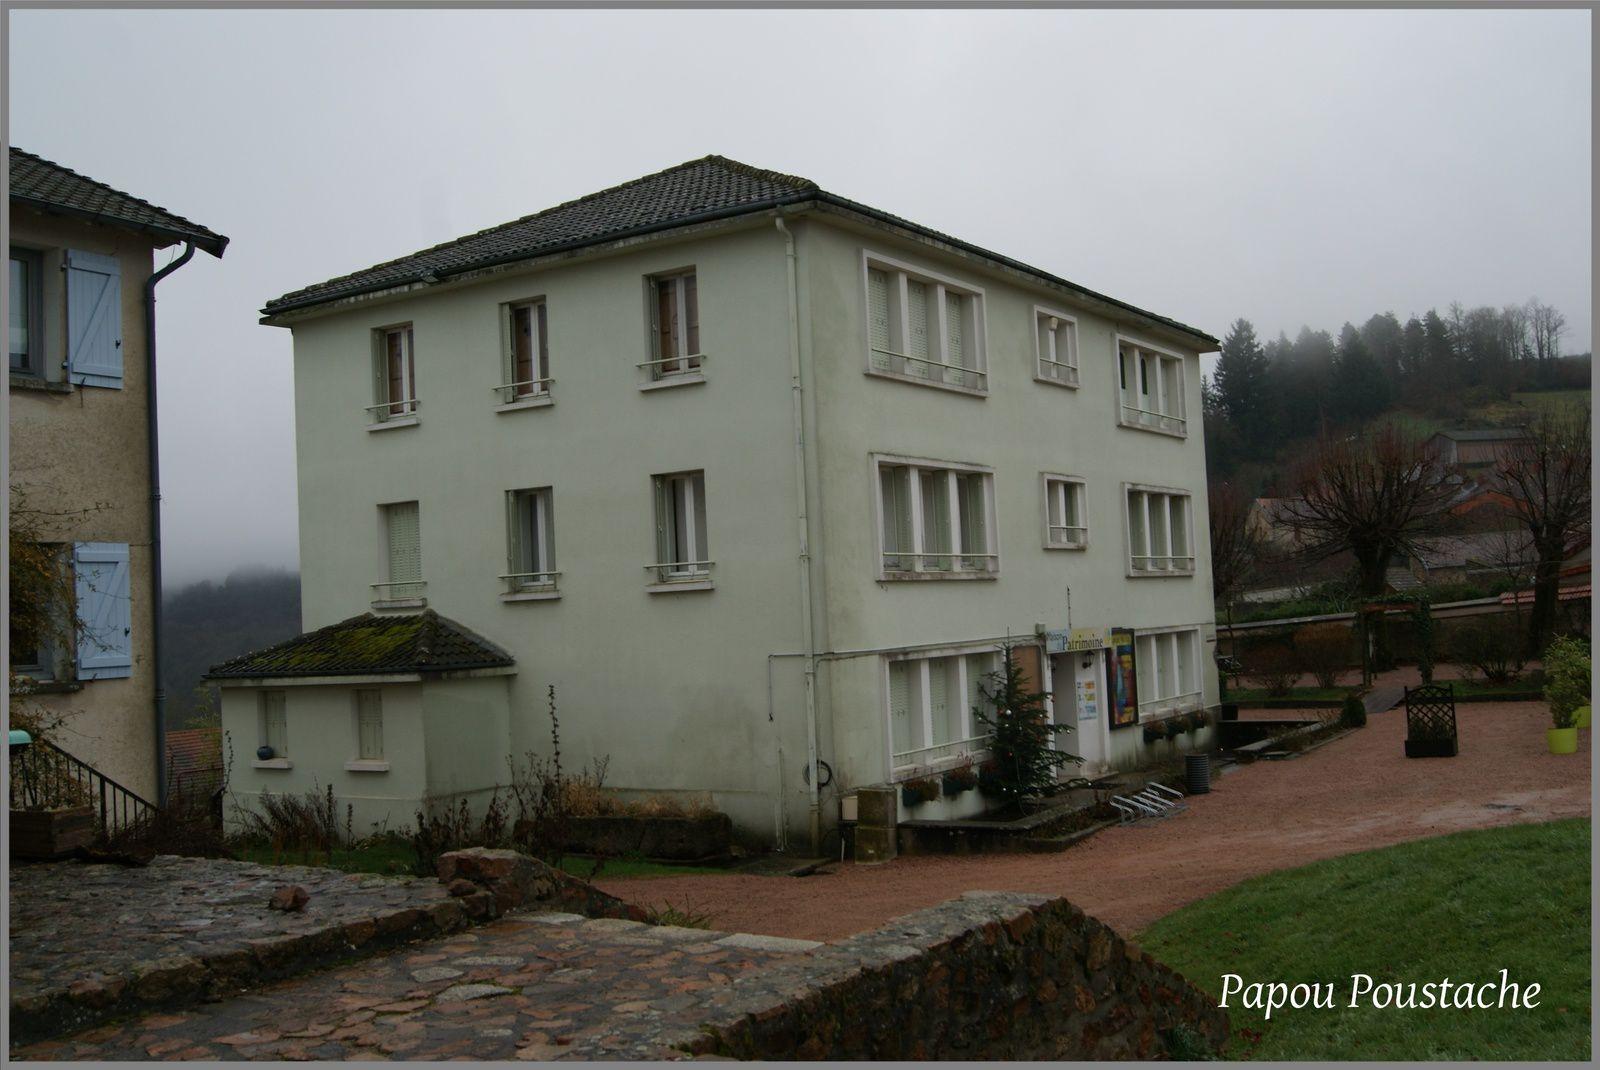 Les villages de l'Allier: Chatel Montagne